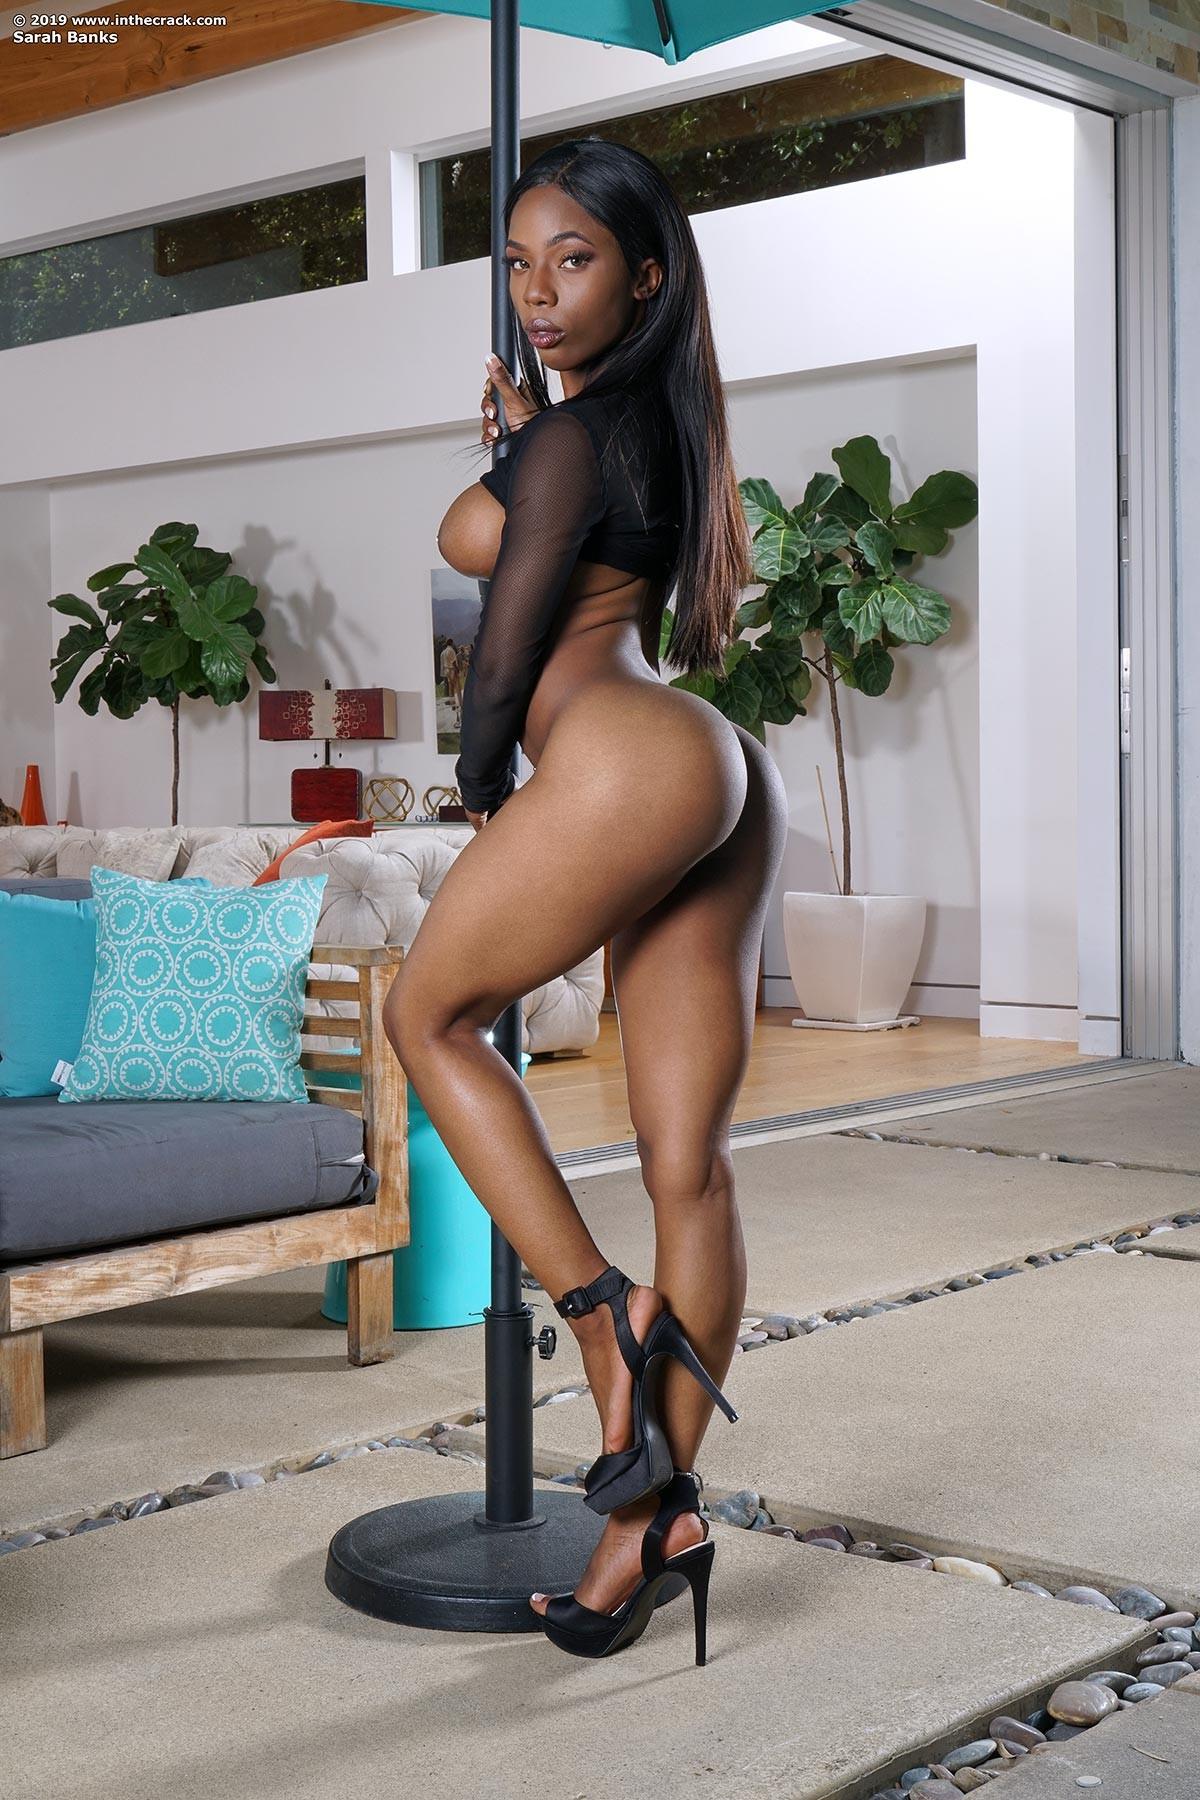 Banks nude sarah New Sarah